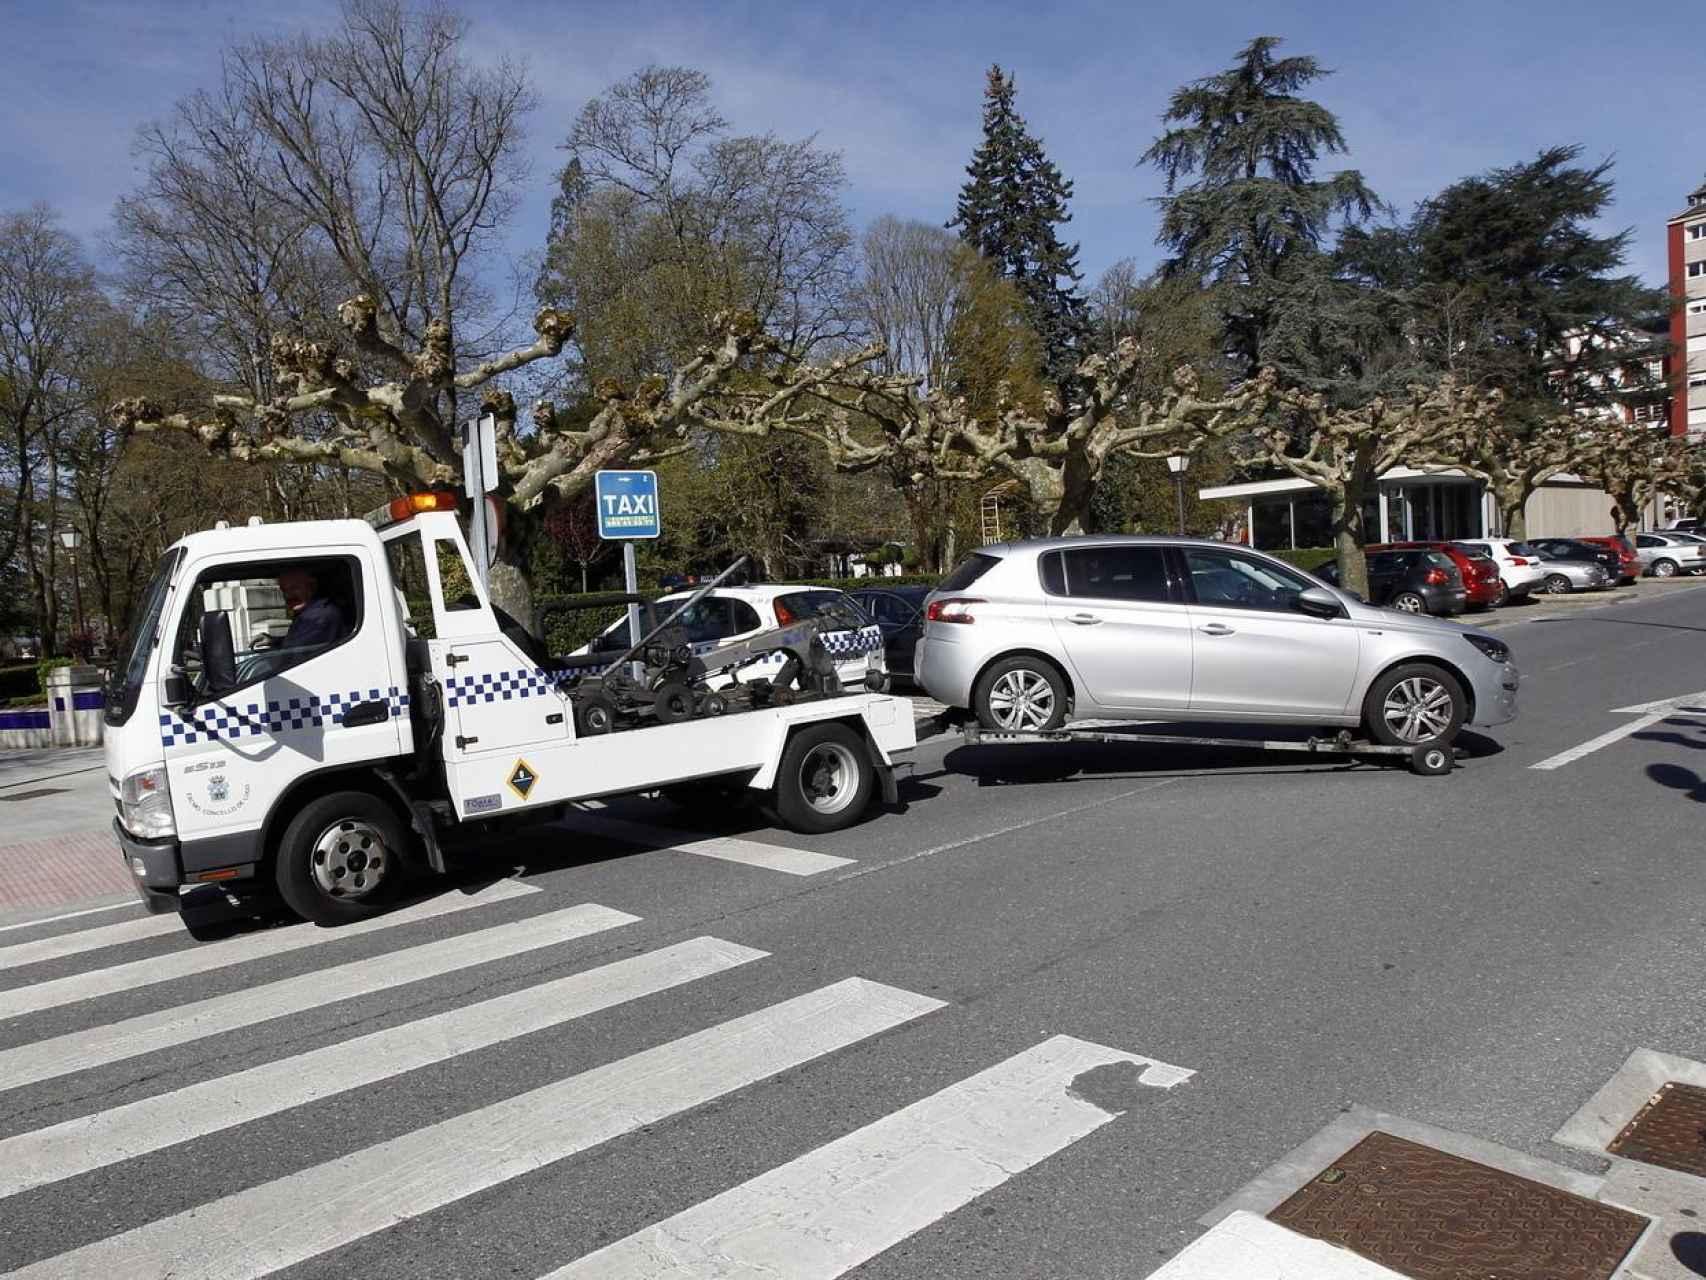 La grúa se ha llevado el coche: el precio de las multas, ciudad a ciudad